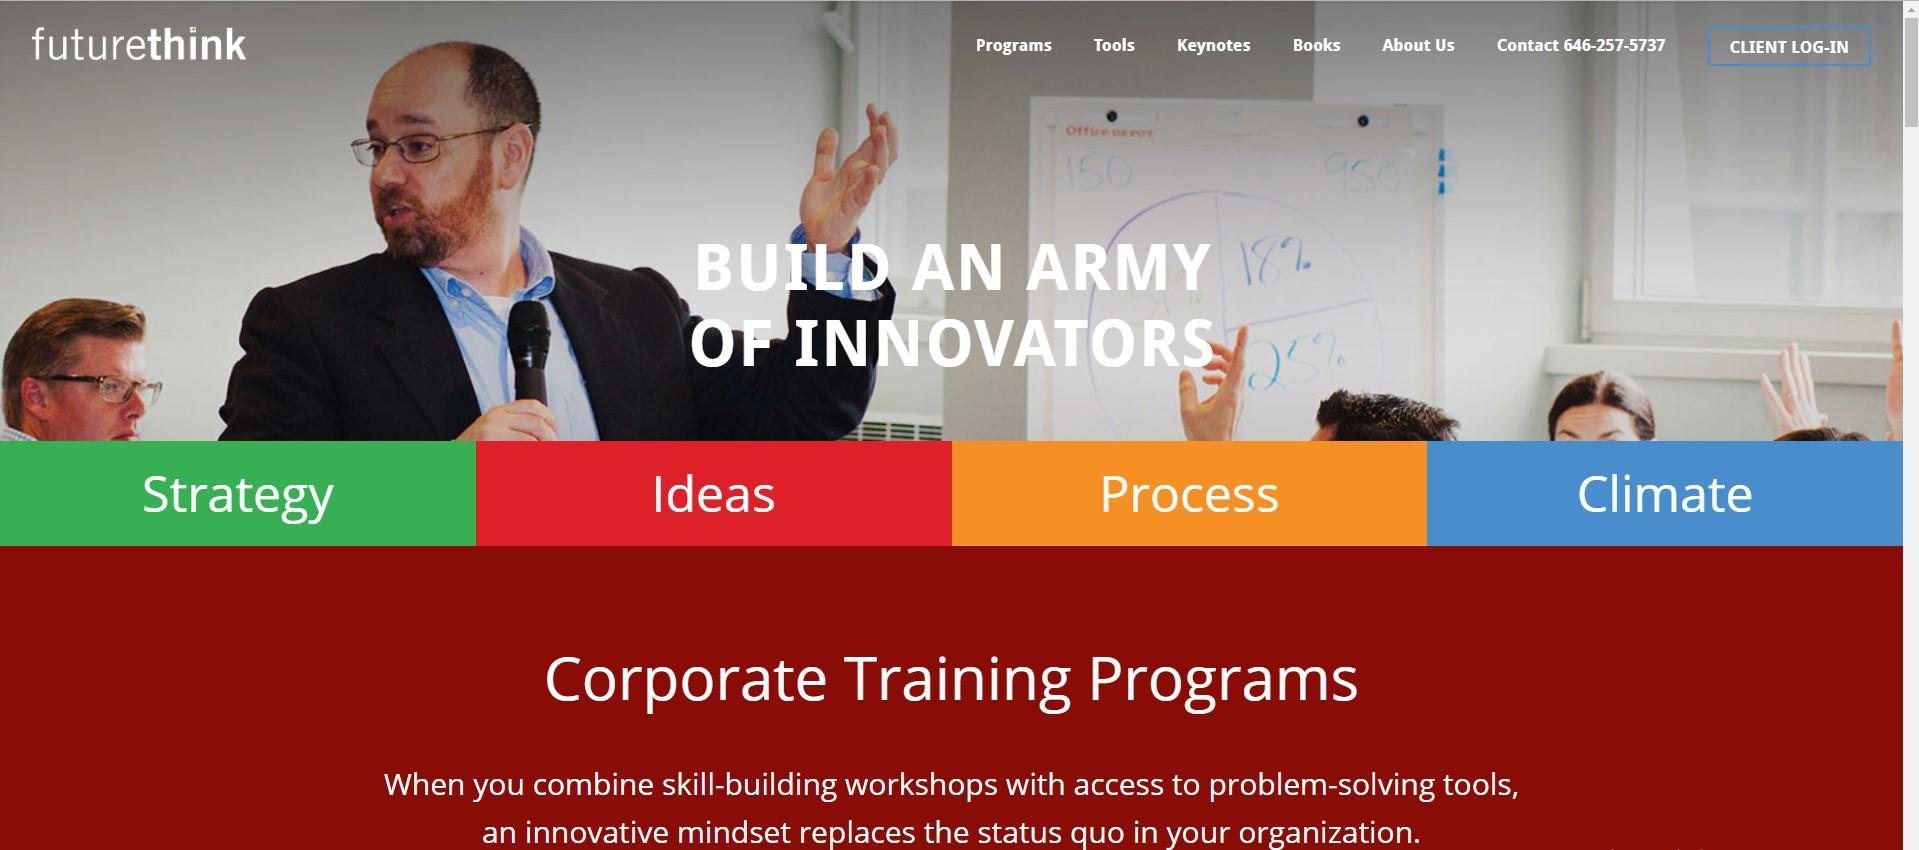 Thông tin tổng quan, khó khăn và kết quả đạt được của dự án Future Think